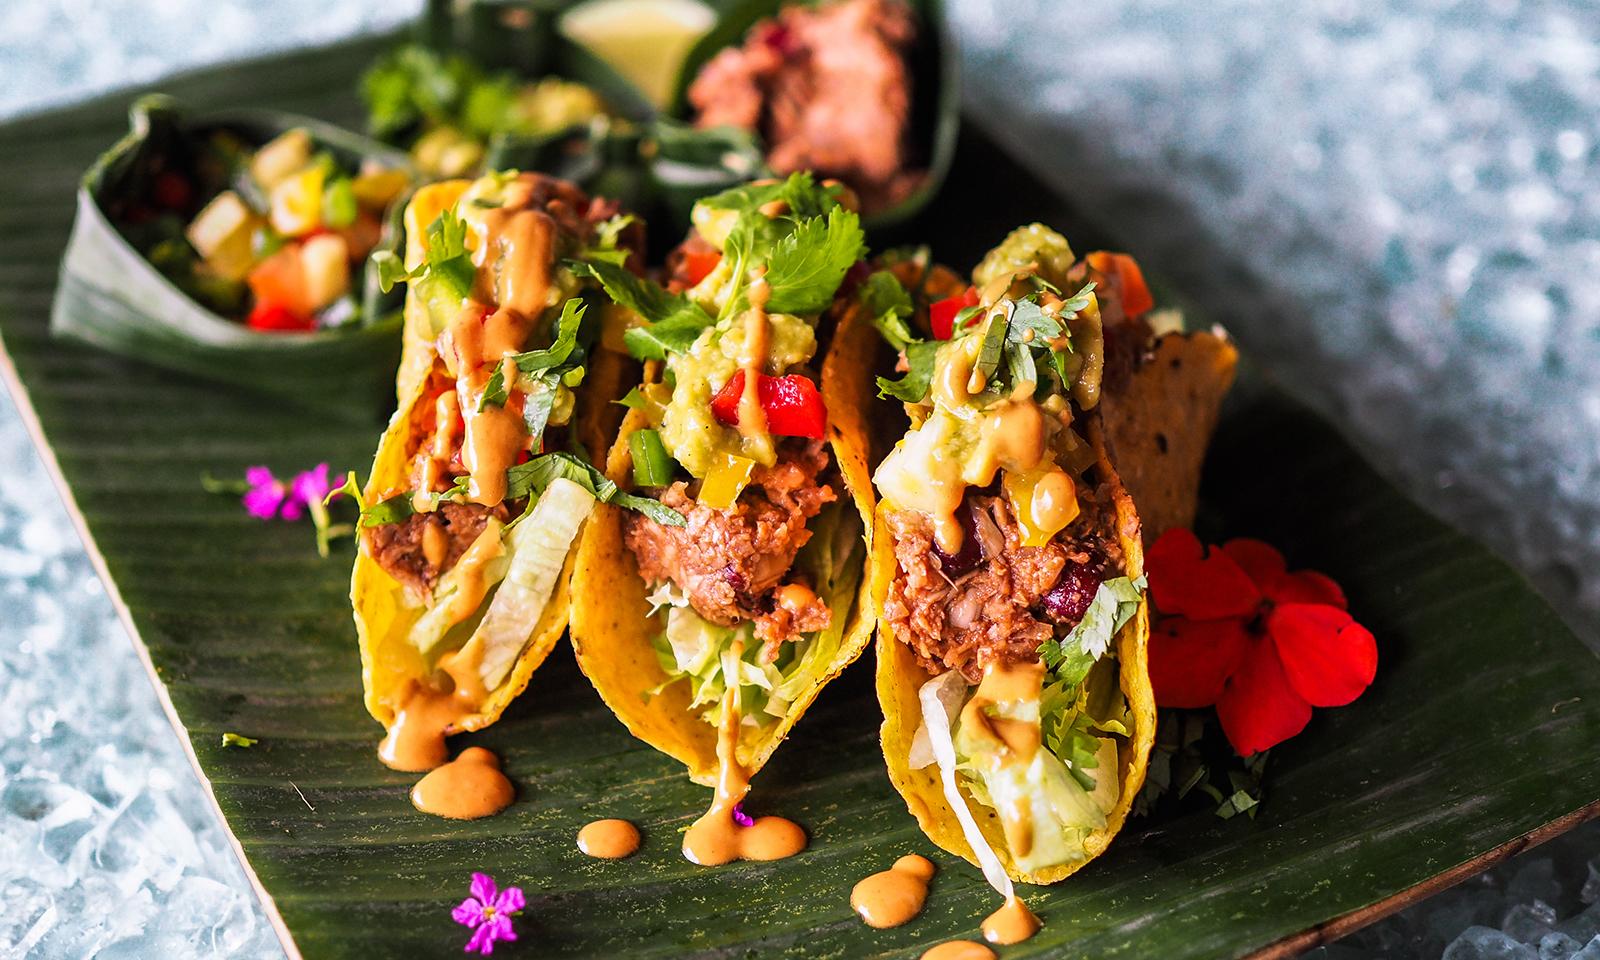 benefits-of-eating-seeds-as-a-vegan-main-image-vegan-tacos-with-seeds